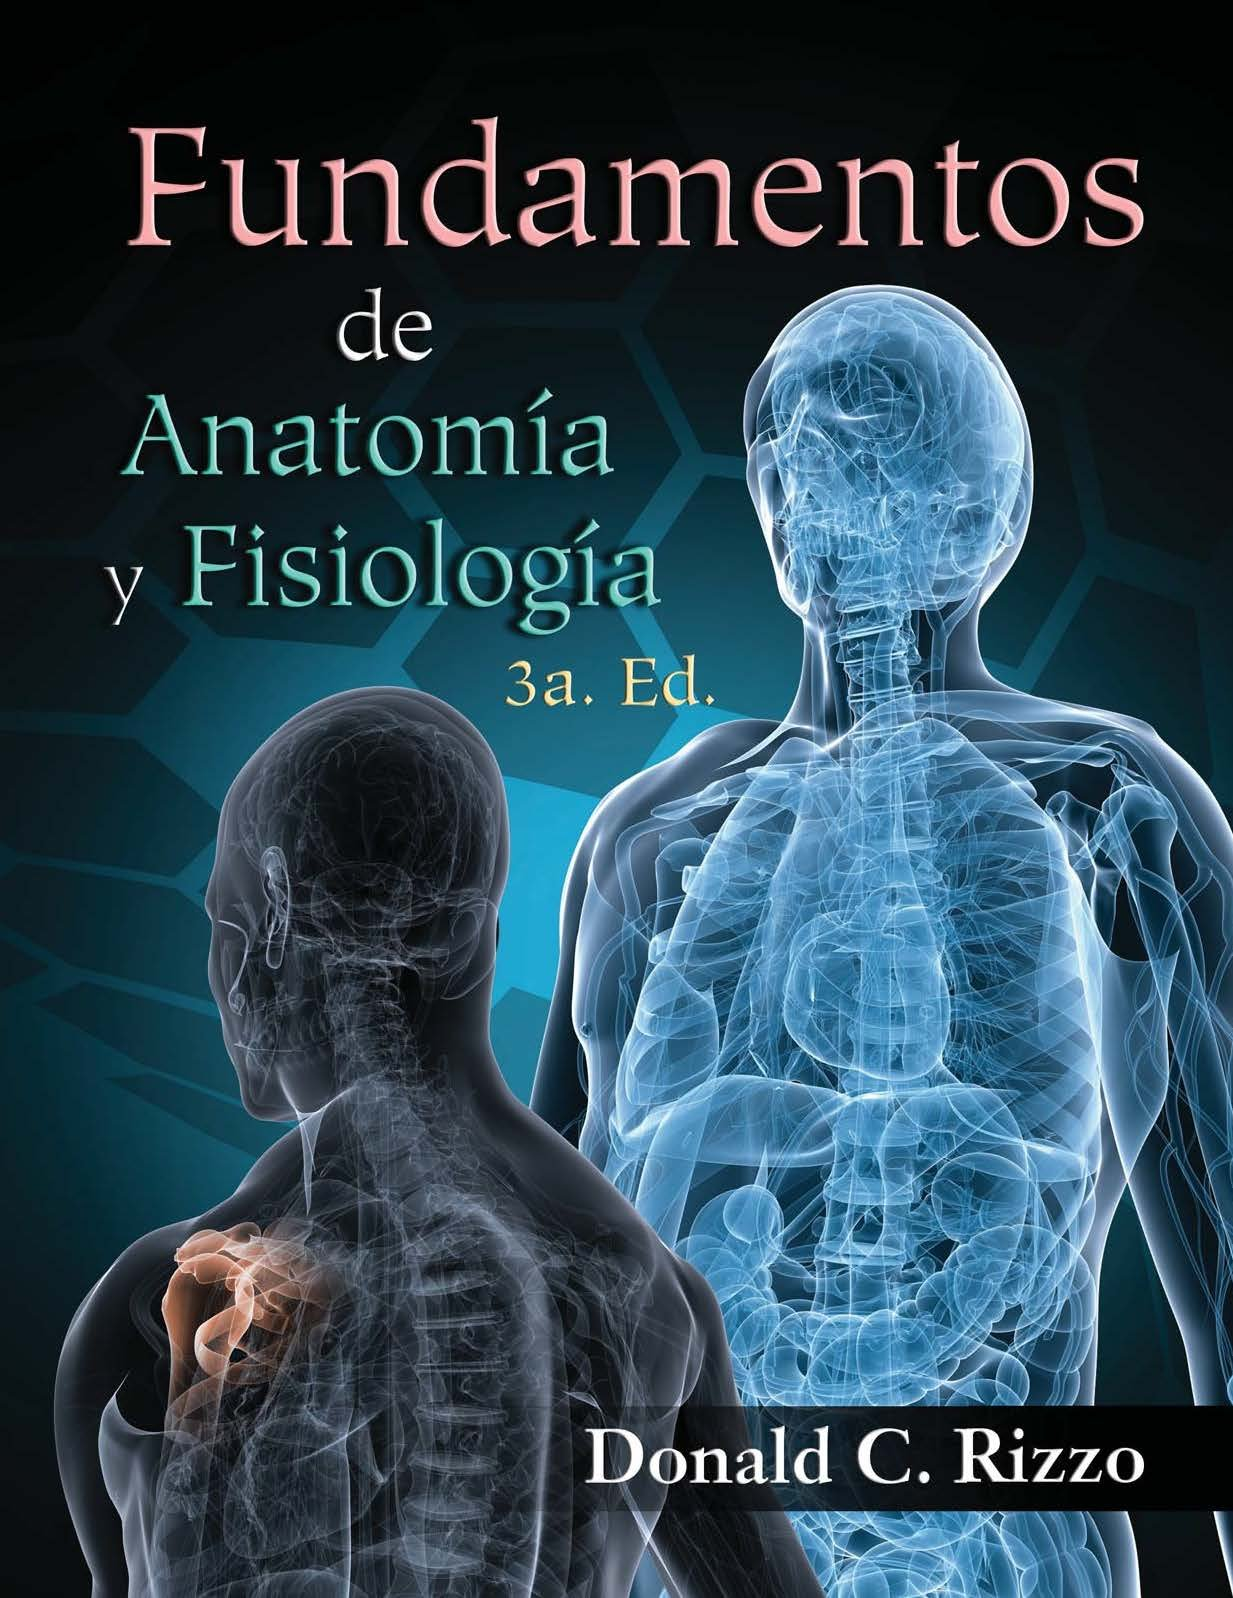 Fundamentos de anatomía y fisiología: Donald Rizzo: Amazon.com.mx ...